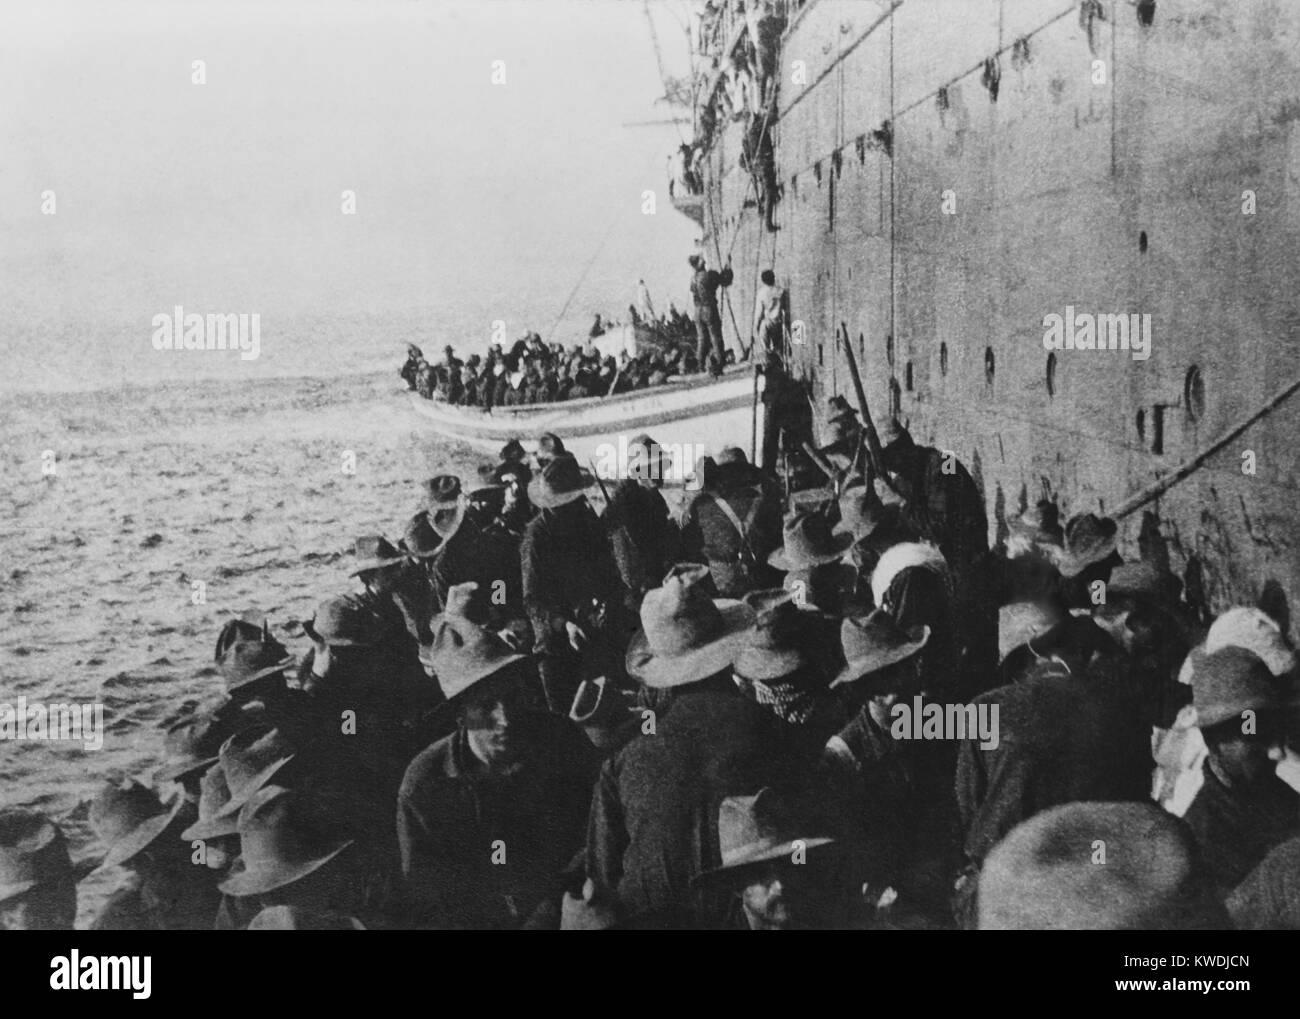 Sbarco a Arroyo, Puerto Rico, 3 agosto 1898 durante la spagnola guerra americana. I soldati USA della società C, Foto Stock